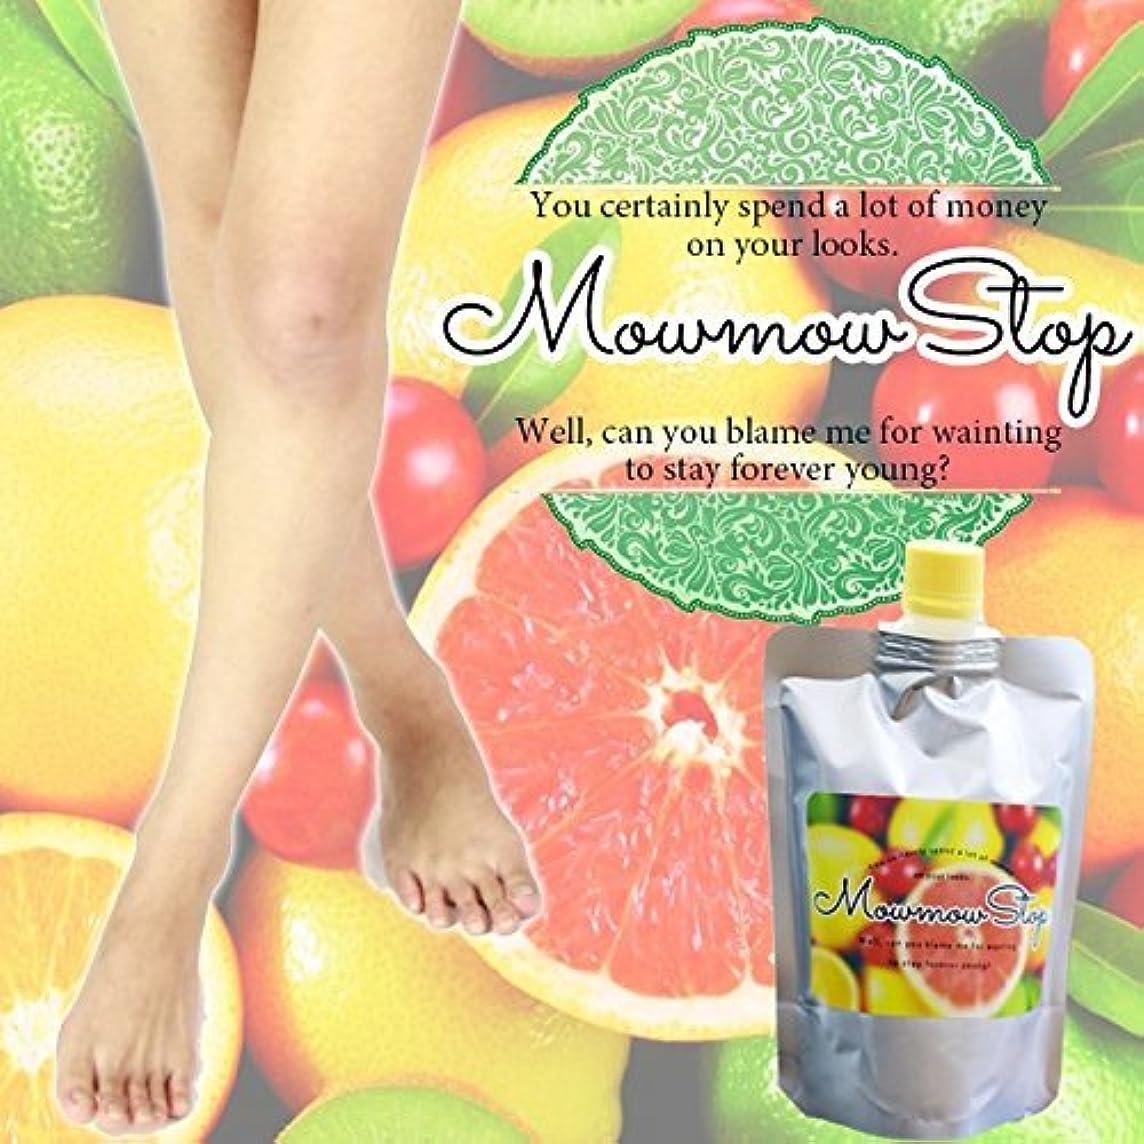 分類エイリアン熟すMow mow Stop /モウモウストップ(医薬部外品)